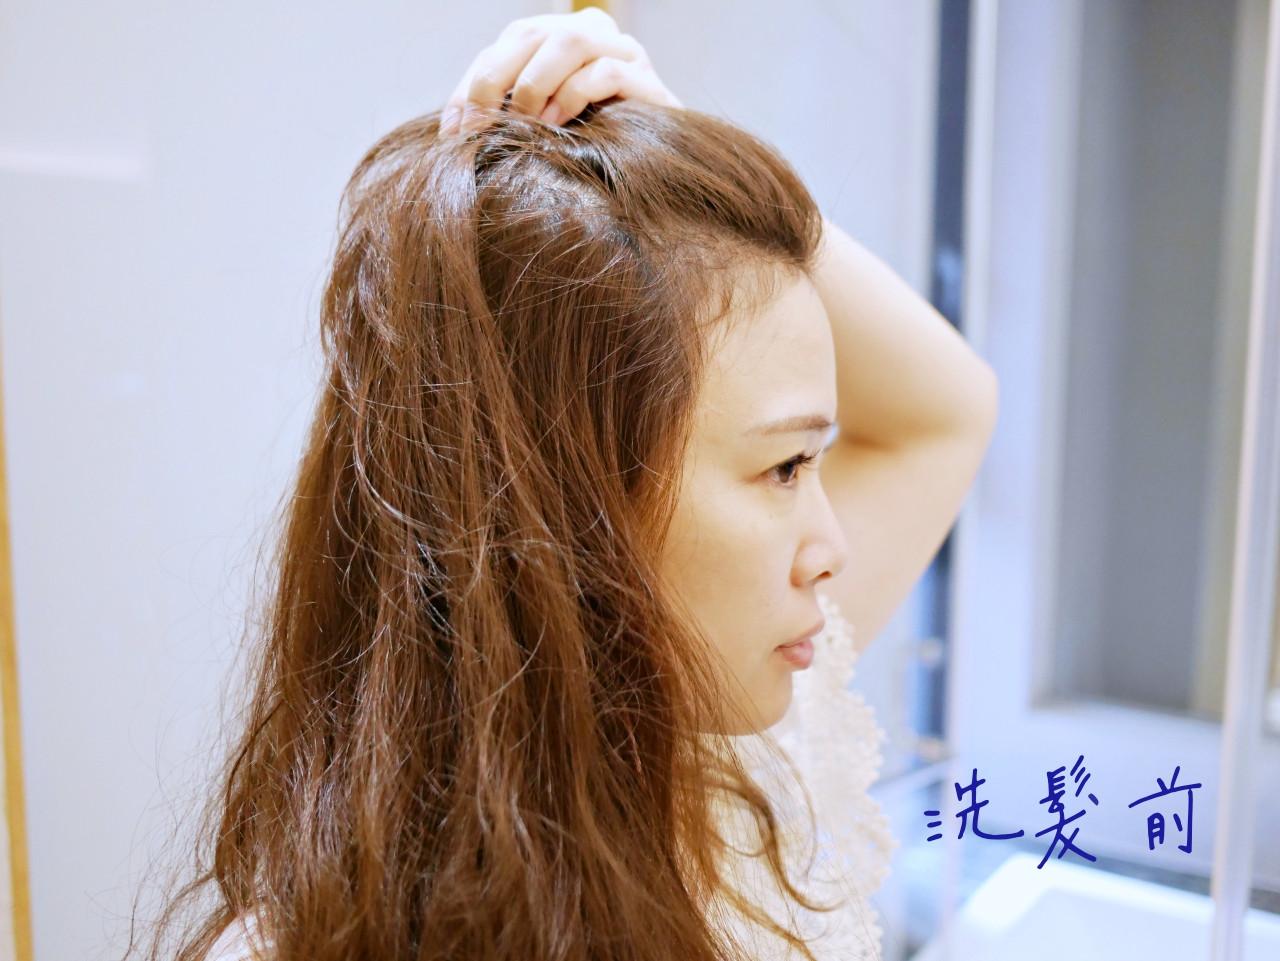 美吾髮有辦髮抗屑系列